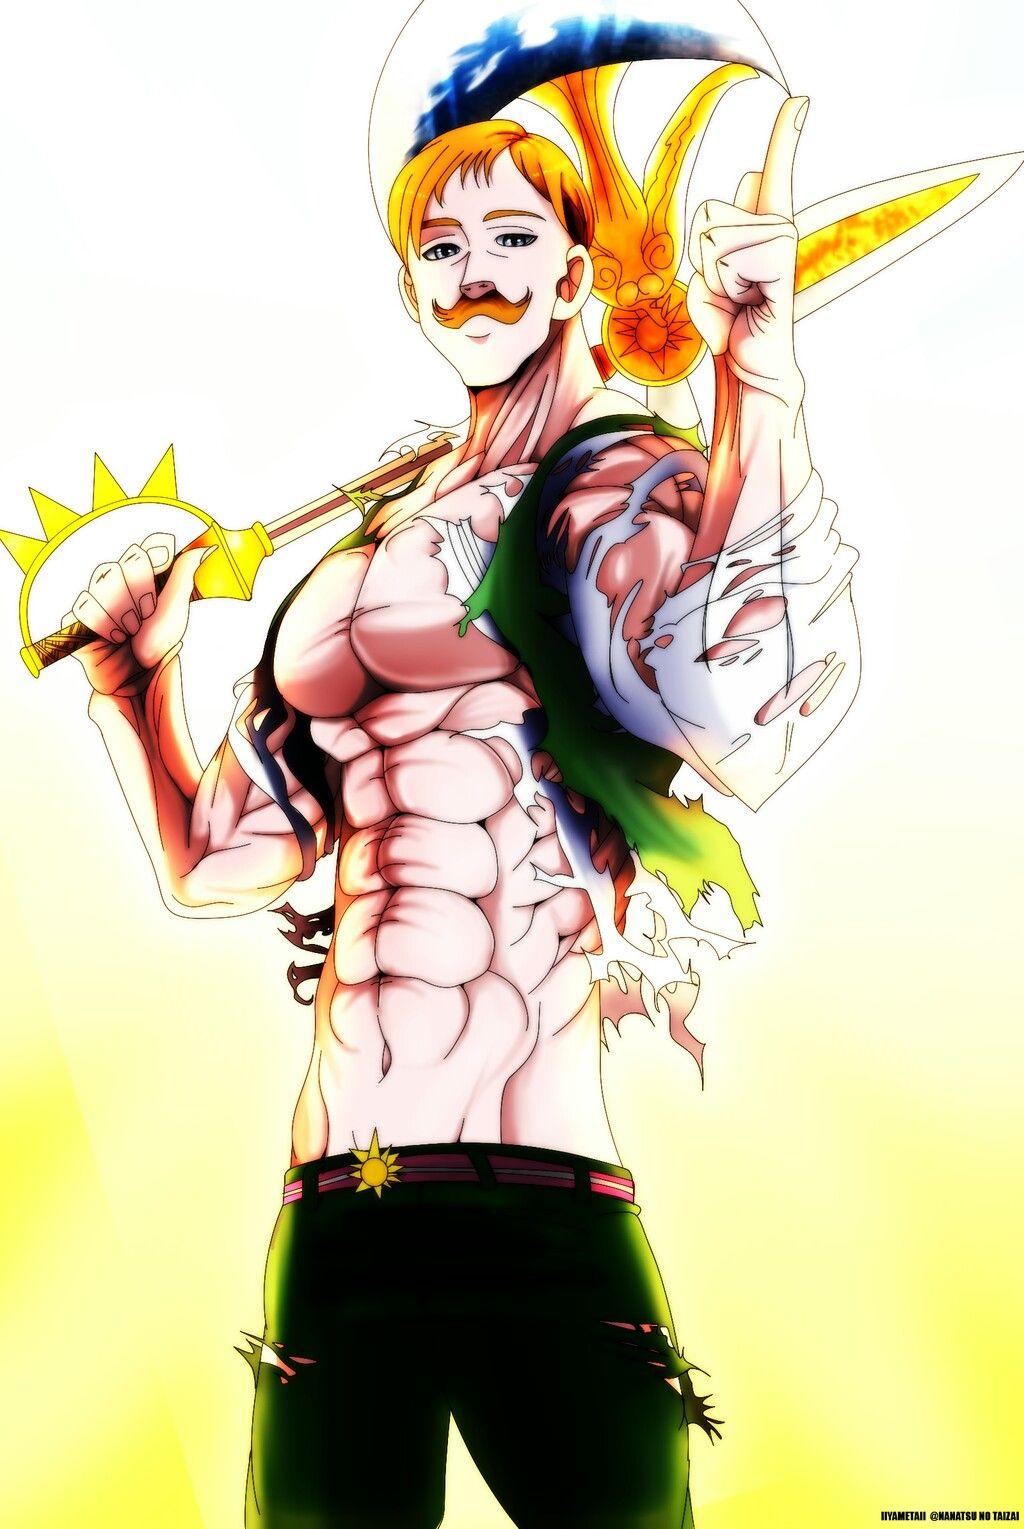 Qual personagem de anime você gostaria de se parecer ? B88330aaf56a274cf14c067aed3091fe